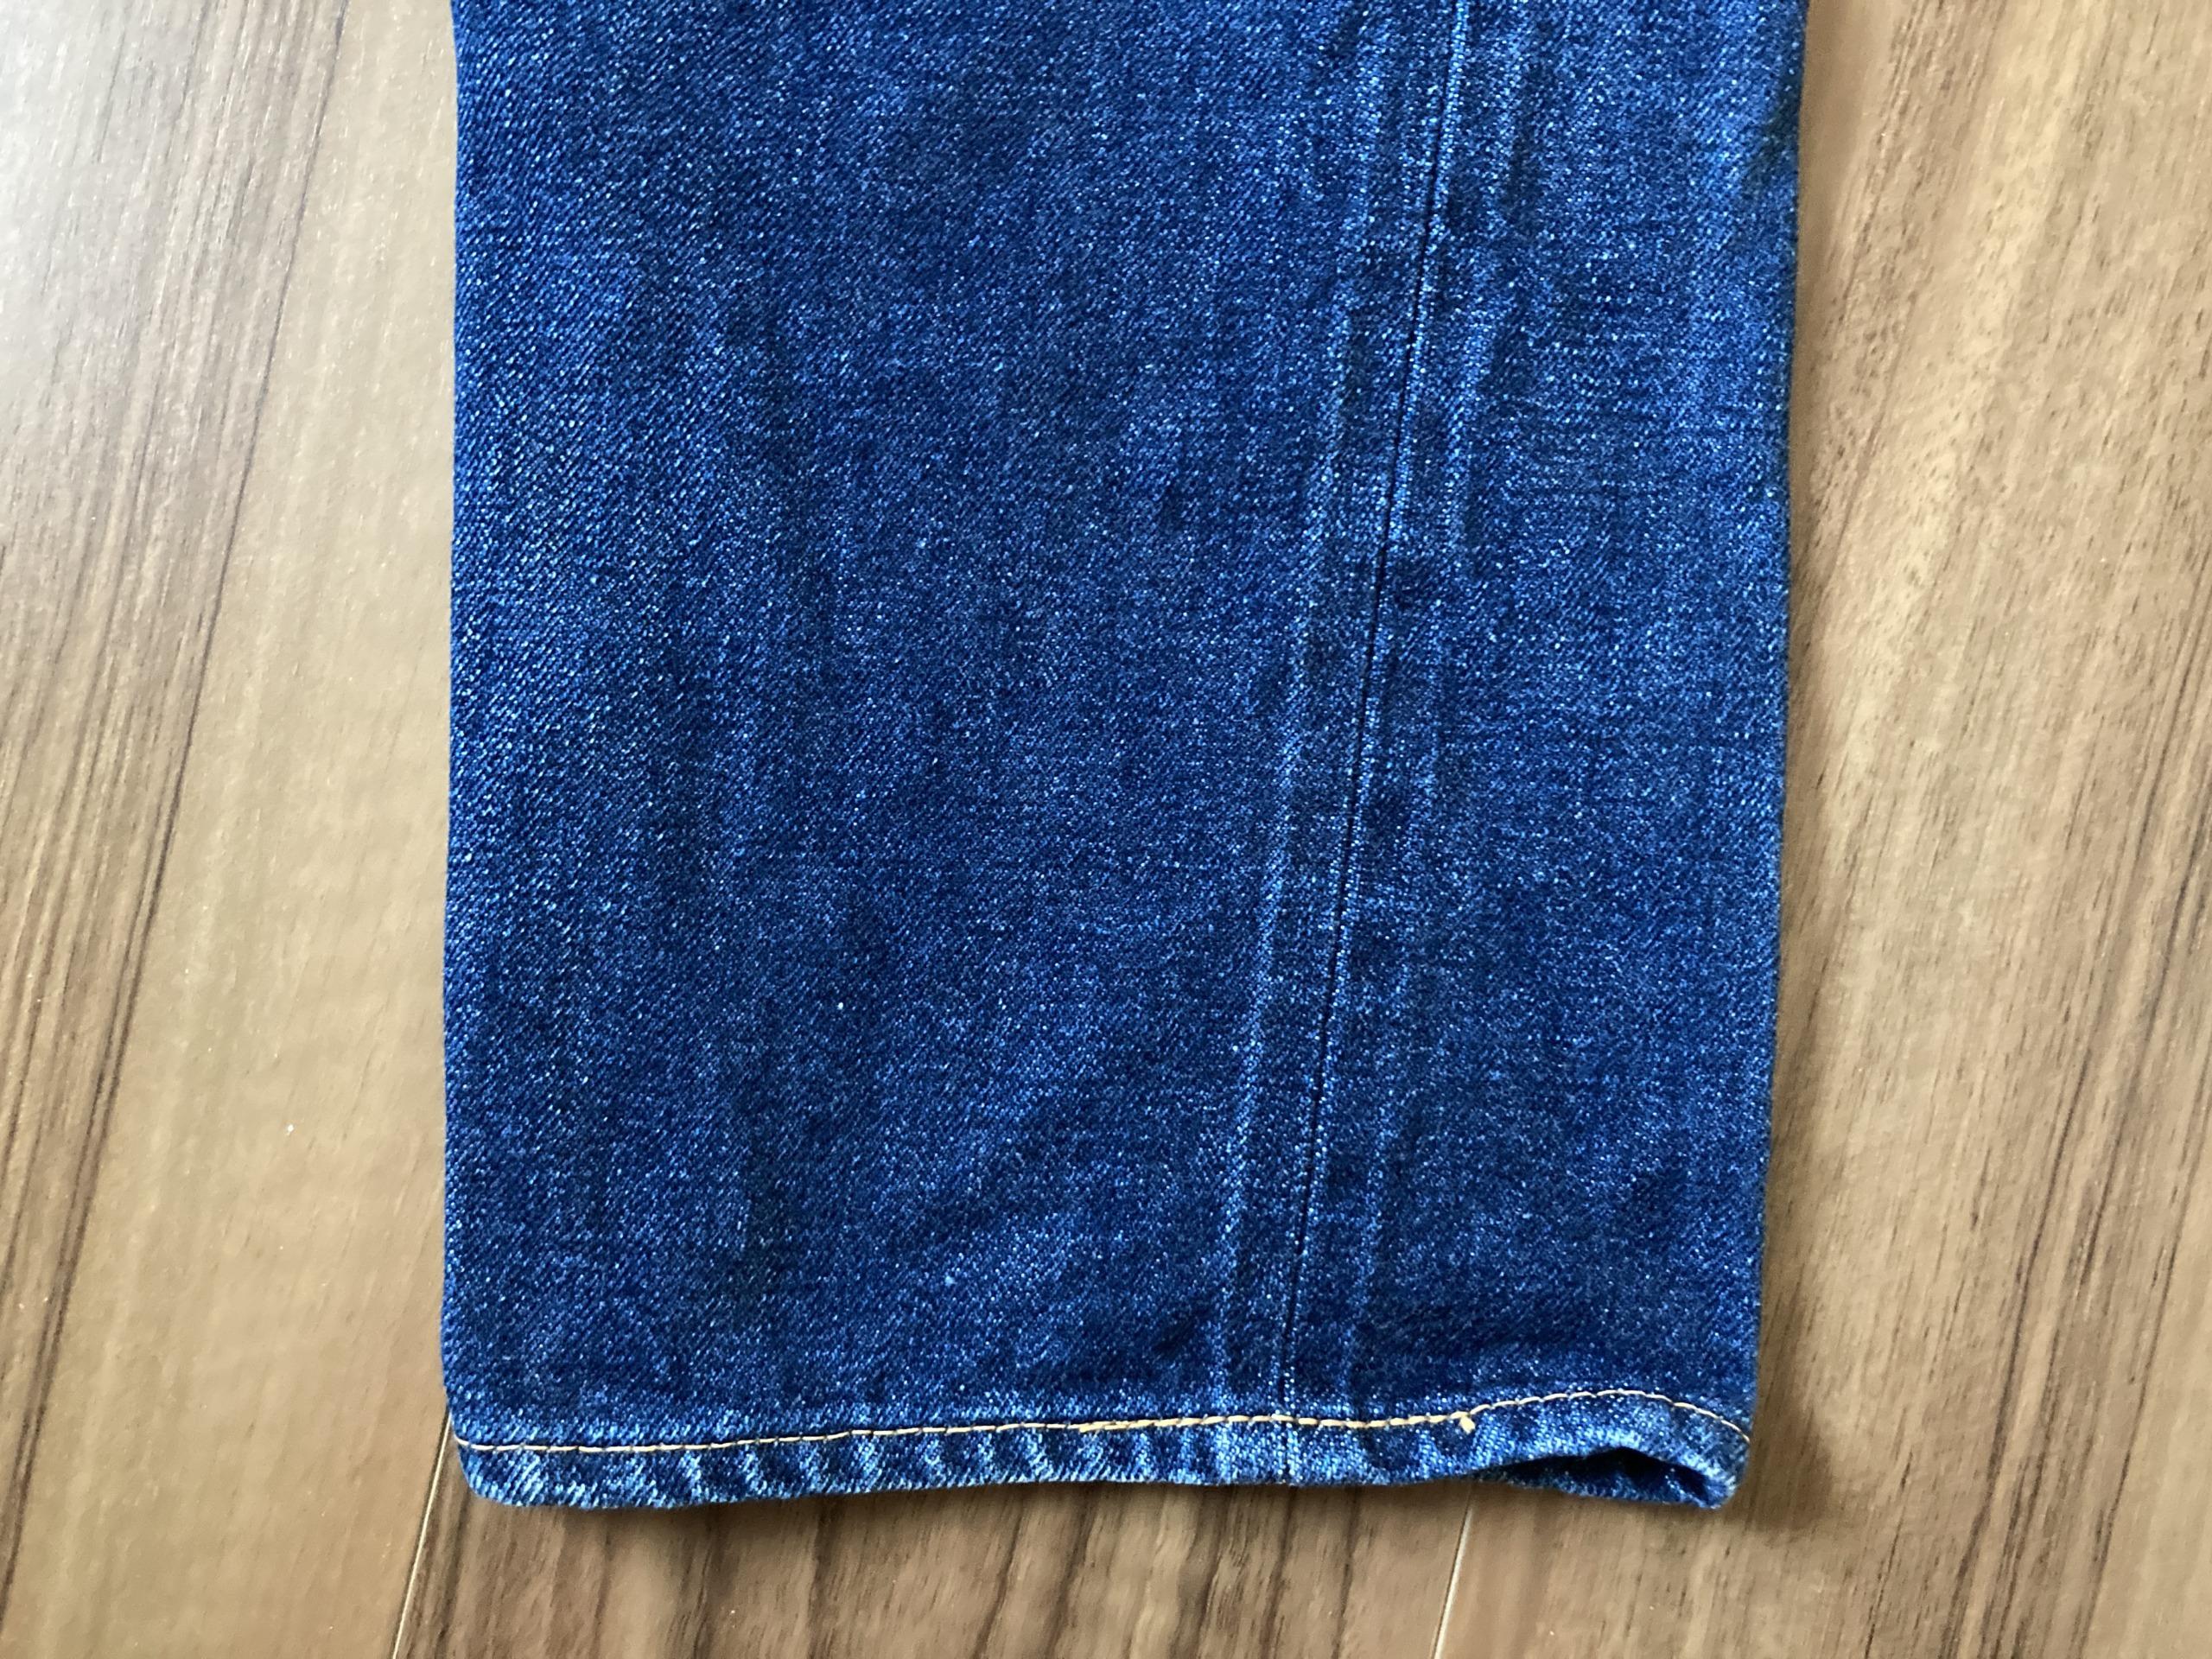 リゾルト 710 Resolute 710 24回目 洗濯 経年変化 エイジング スソ 裾